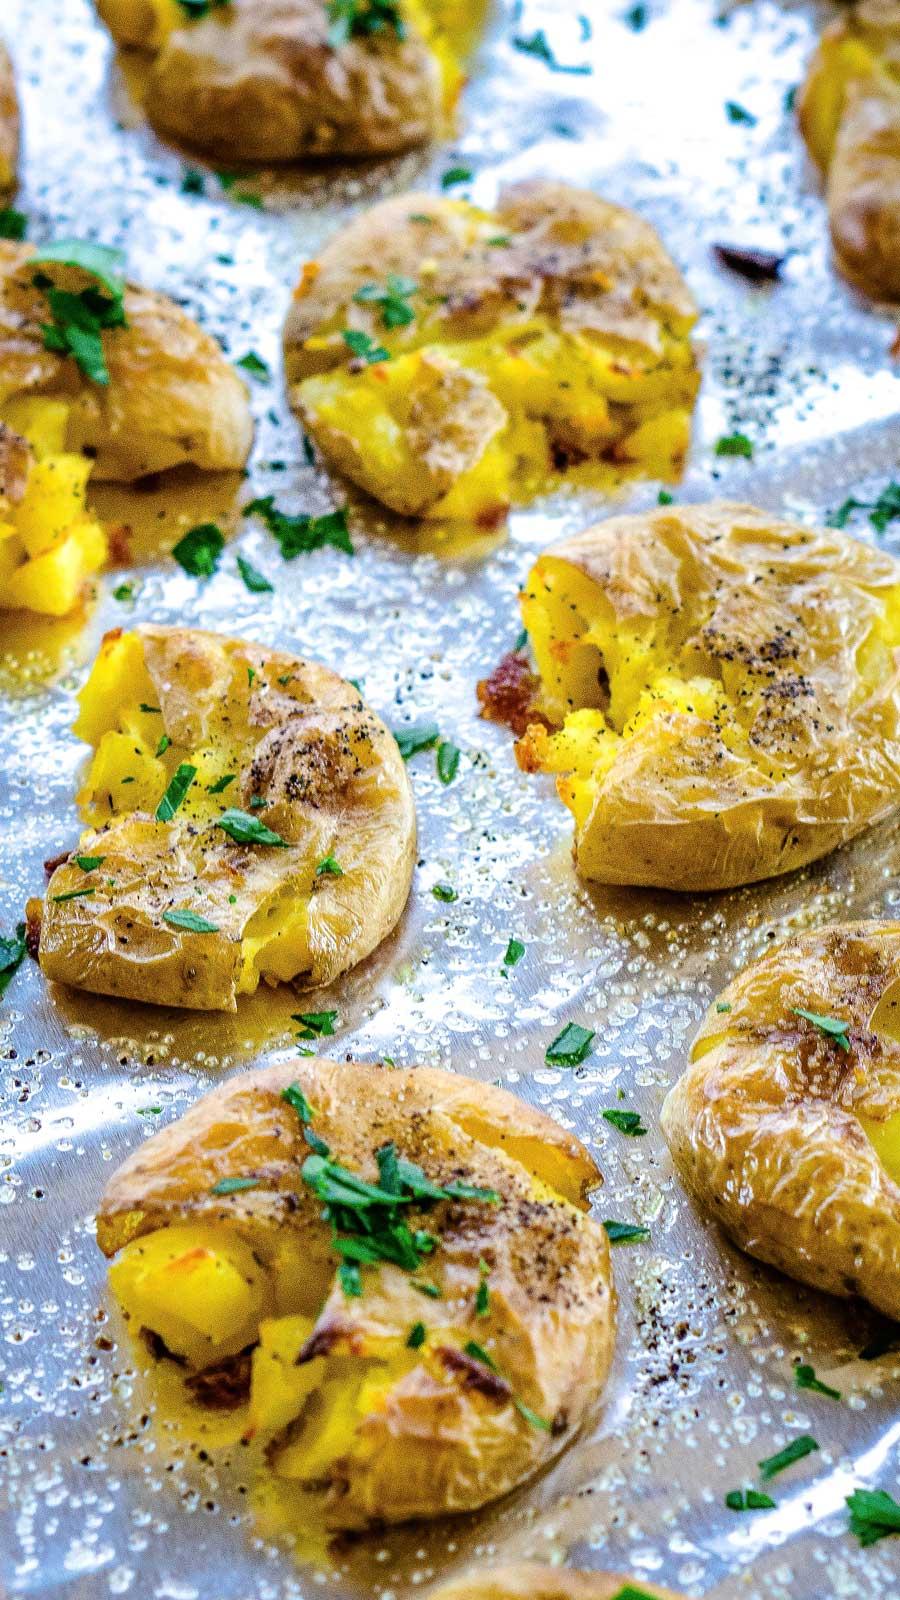 Roasted smashed potatoes